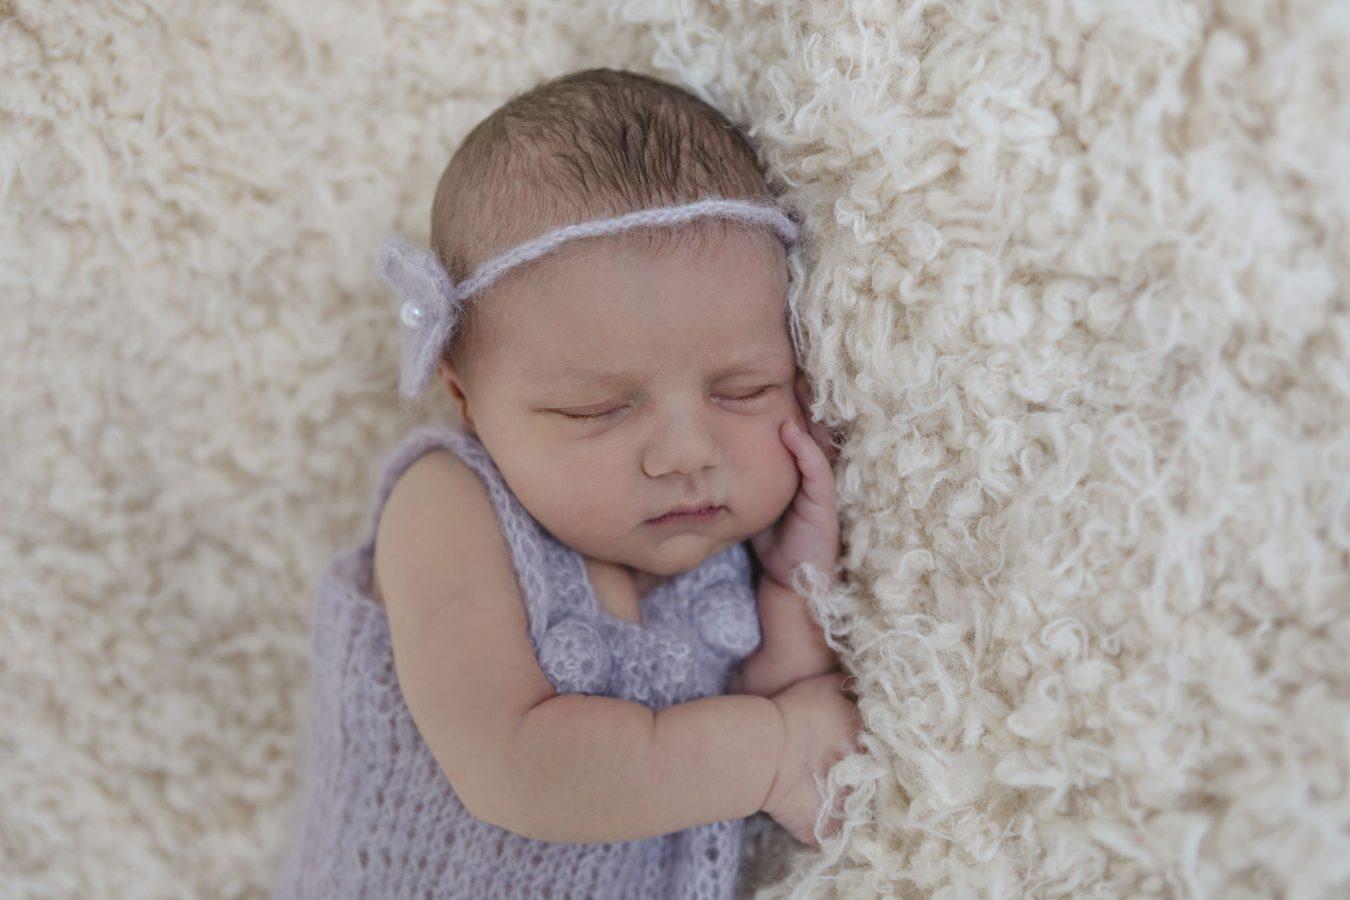 Babyfotos im Krankenhaus - eine kleine Prinzessin schläft ruhig und fest